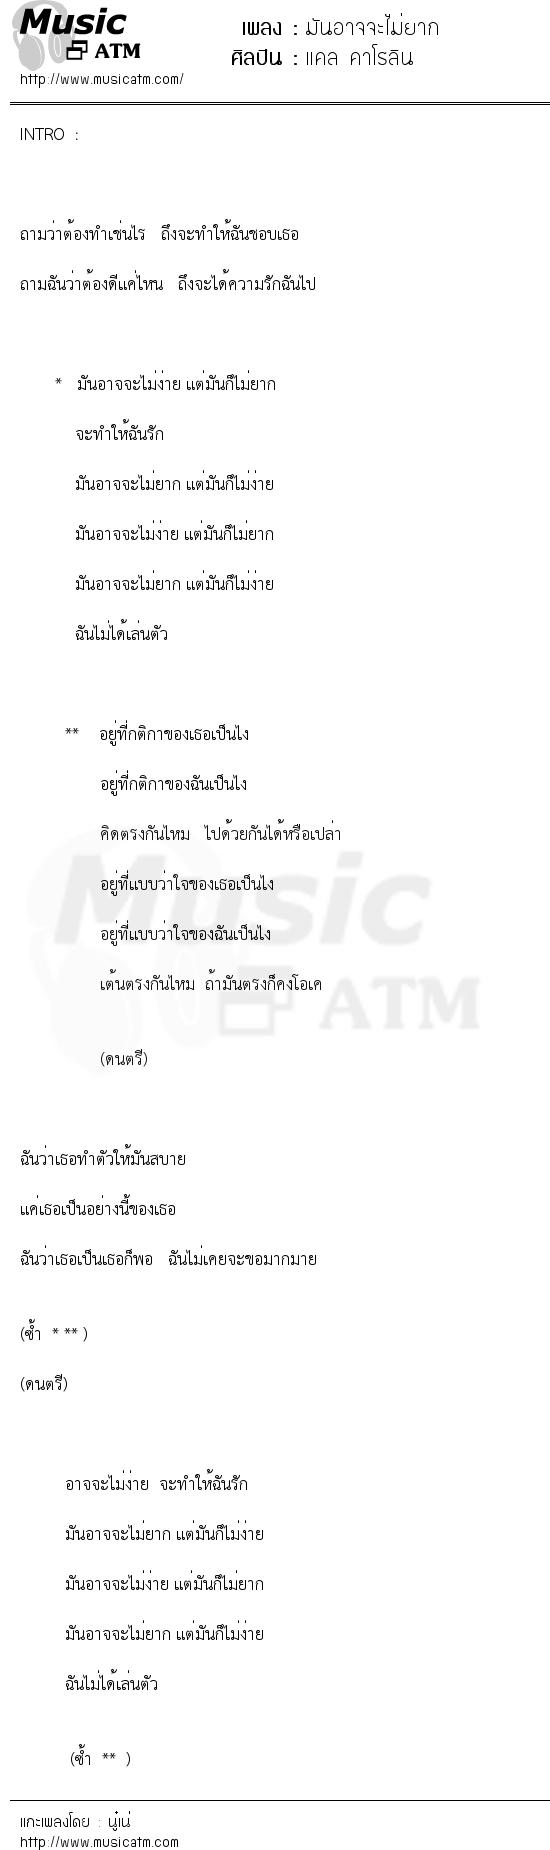 เนื้อเพลง มันอาจจะไม่ยาก - แคล คาโรลิน | เพลงไทย